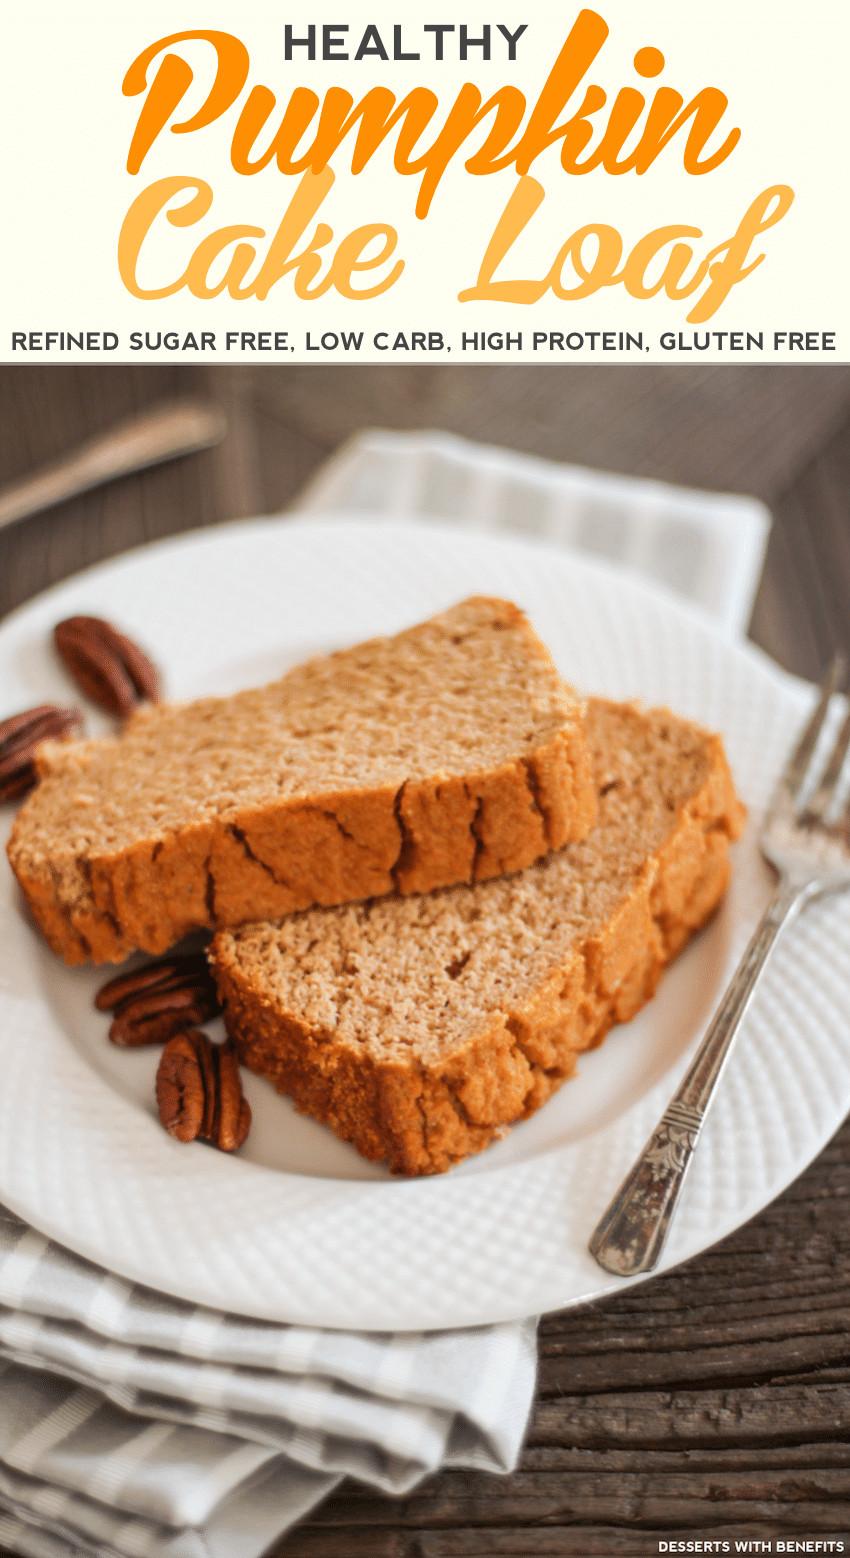 Gluten Free Dairy Free Pumpkin Desserts  Desserts With Benefits Healthy Pumpkin Cake Loaf recipe